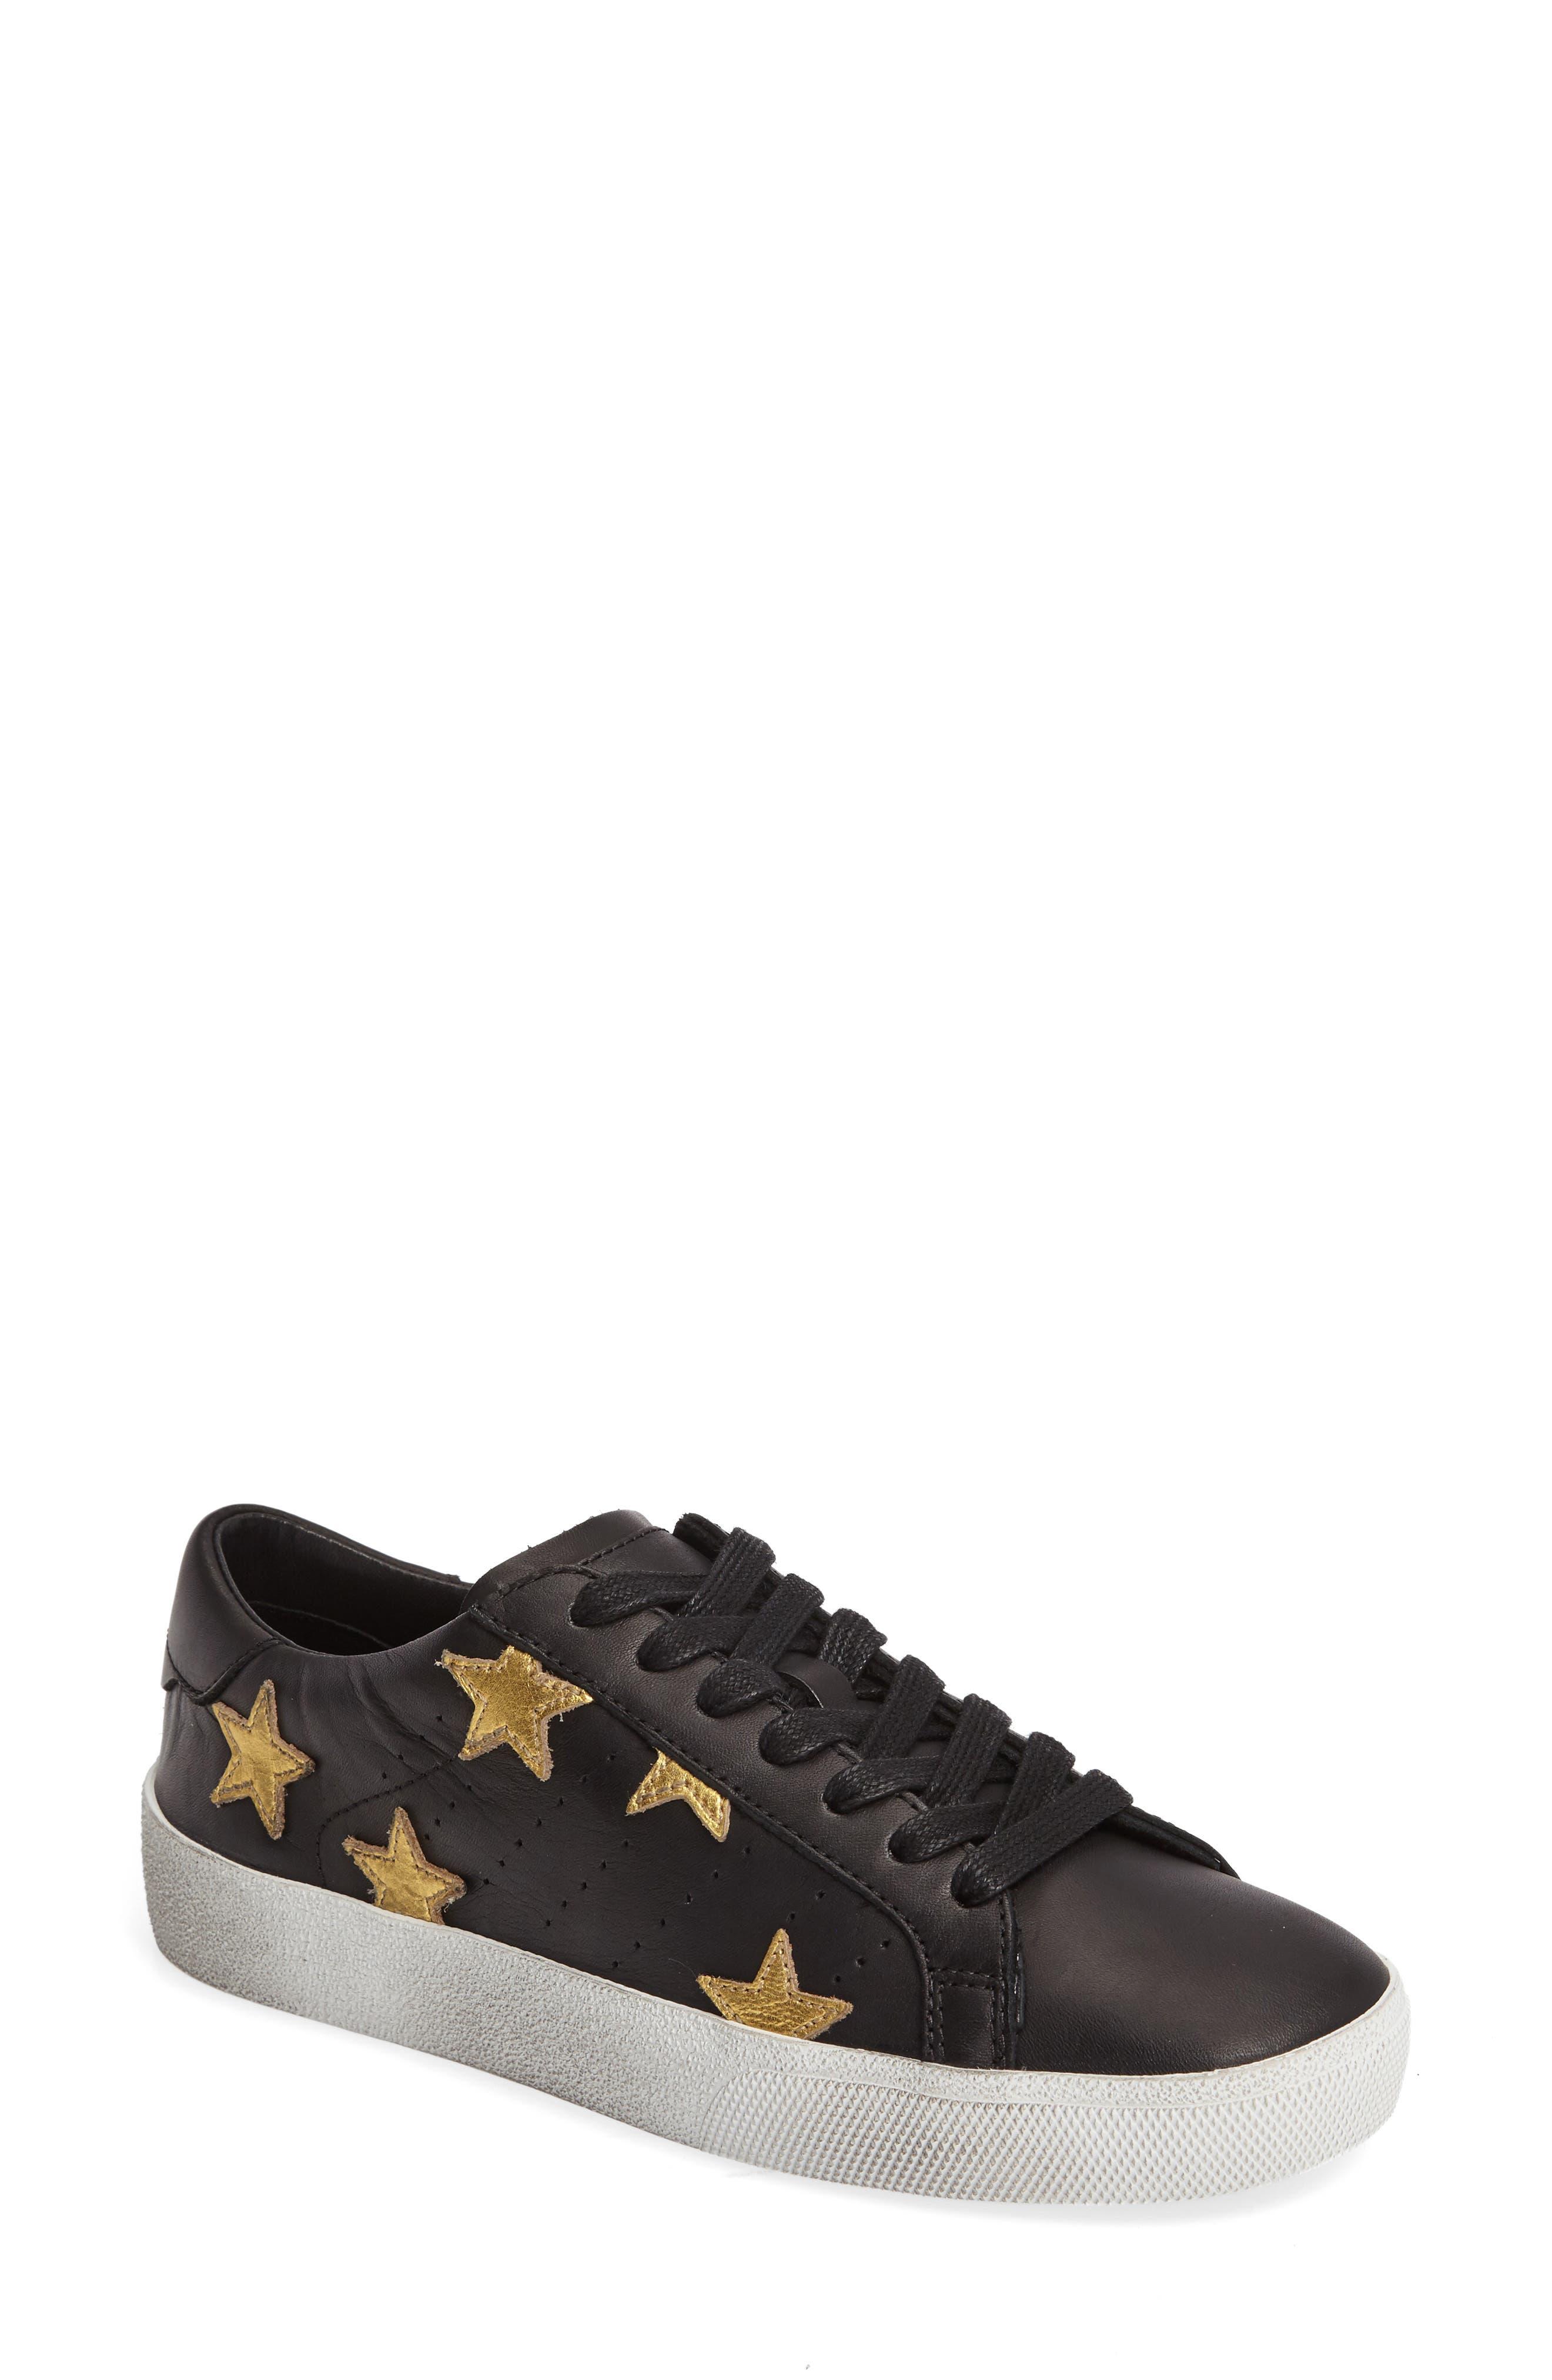 Callback Star Sneaker,                         Main,                         color, 002